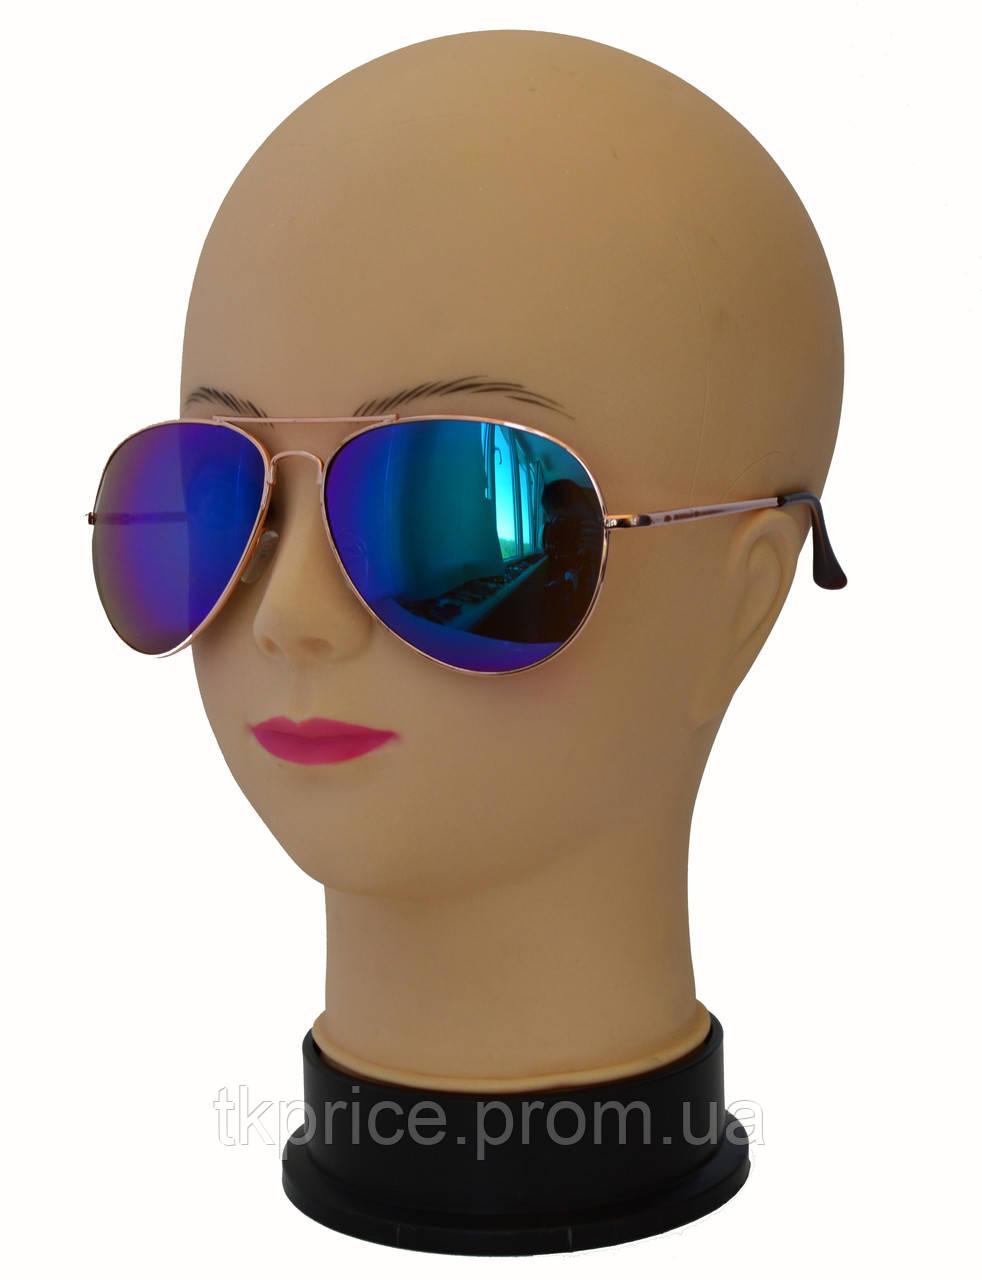 Стильные солнцезащитные очки авиатор 06